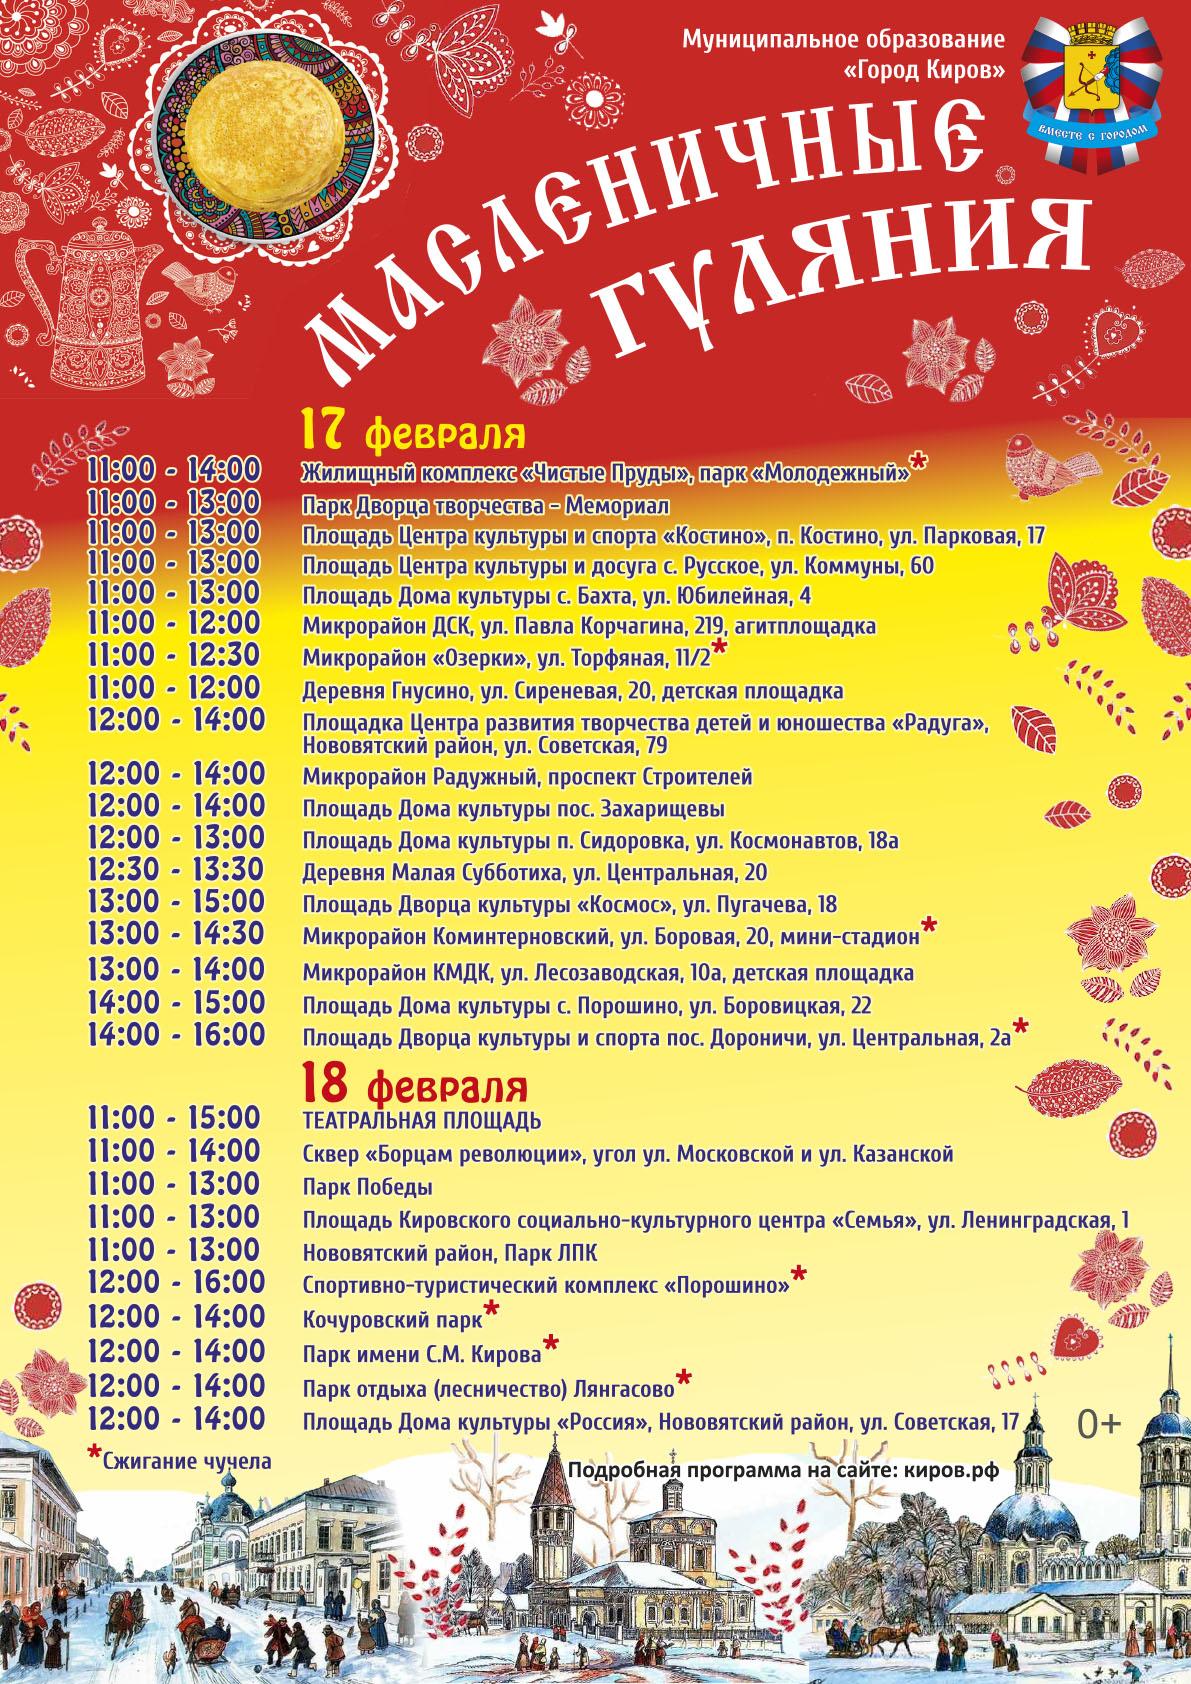 Масленица в Кирове 17 и 18 февраля 2018 года - программа мероприятий, куда пойти?